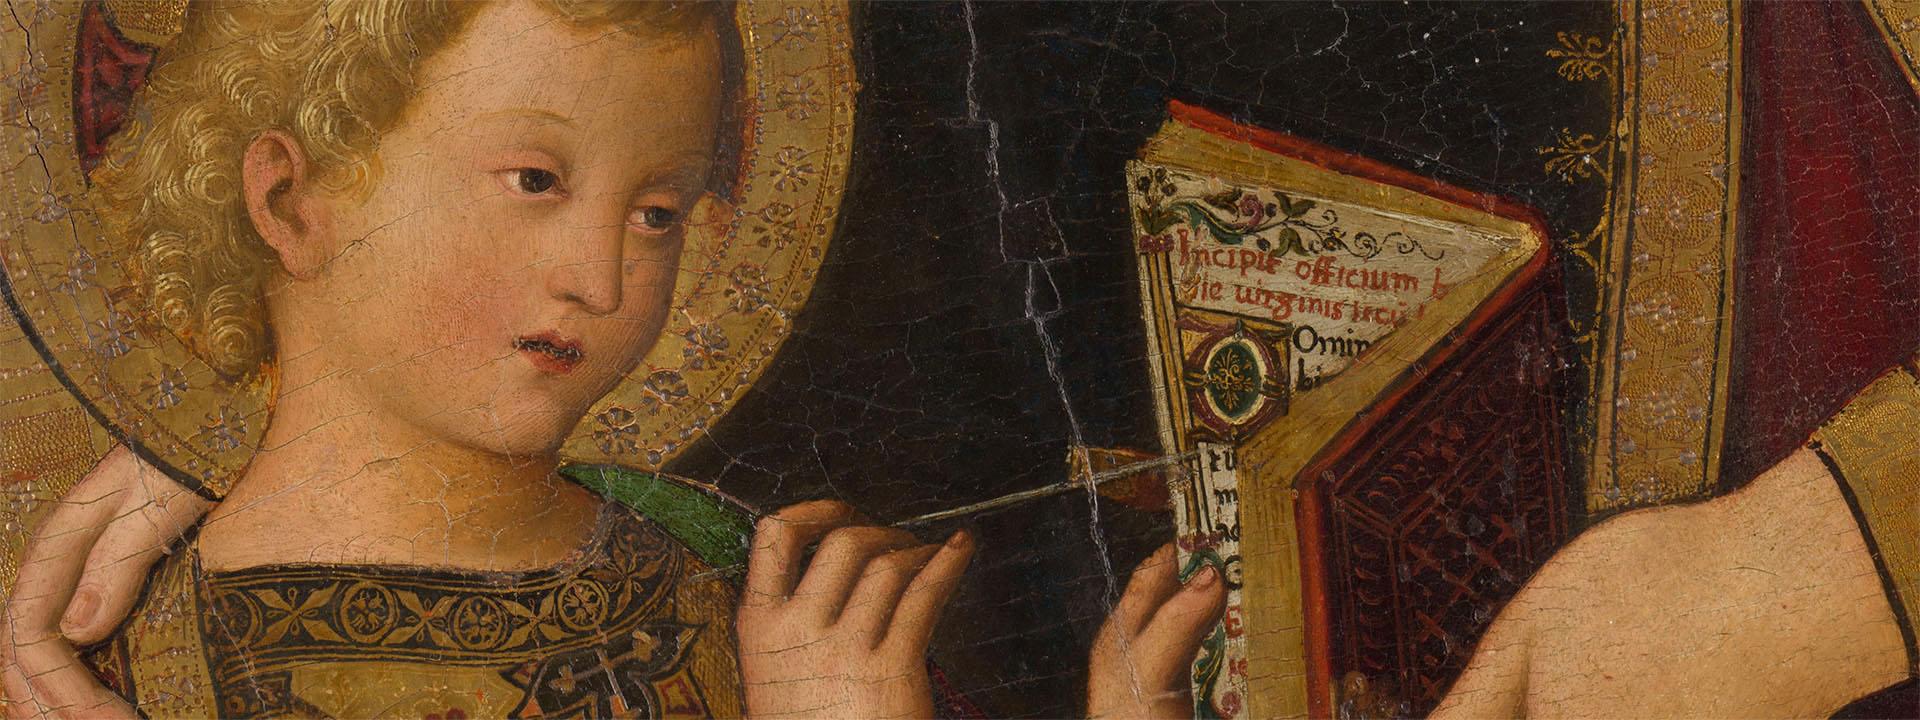 MARE DE DÉU DE LES FEBRES - 'Il Pinturicchio' - Museu de Belles Arts de València